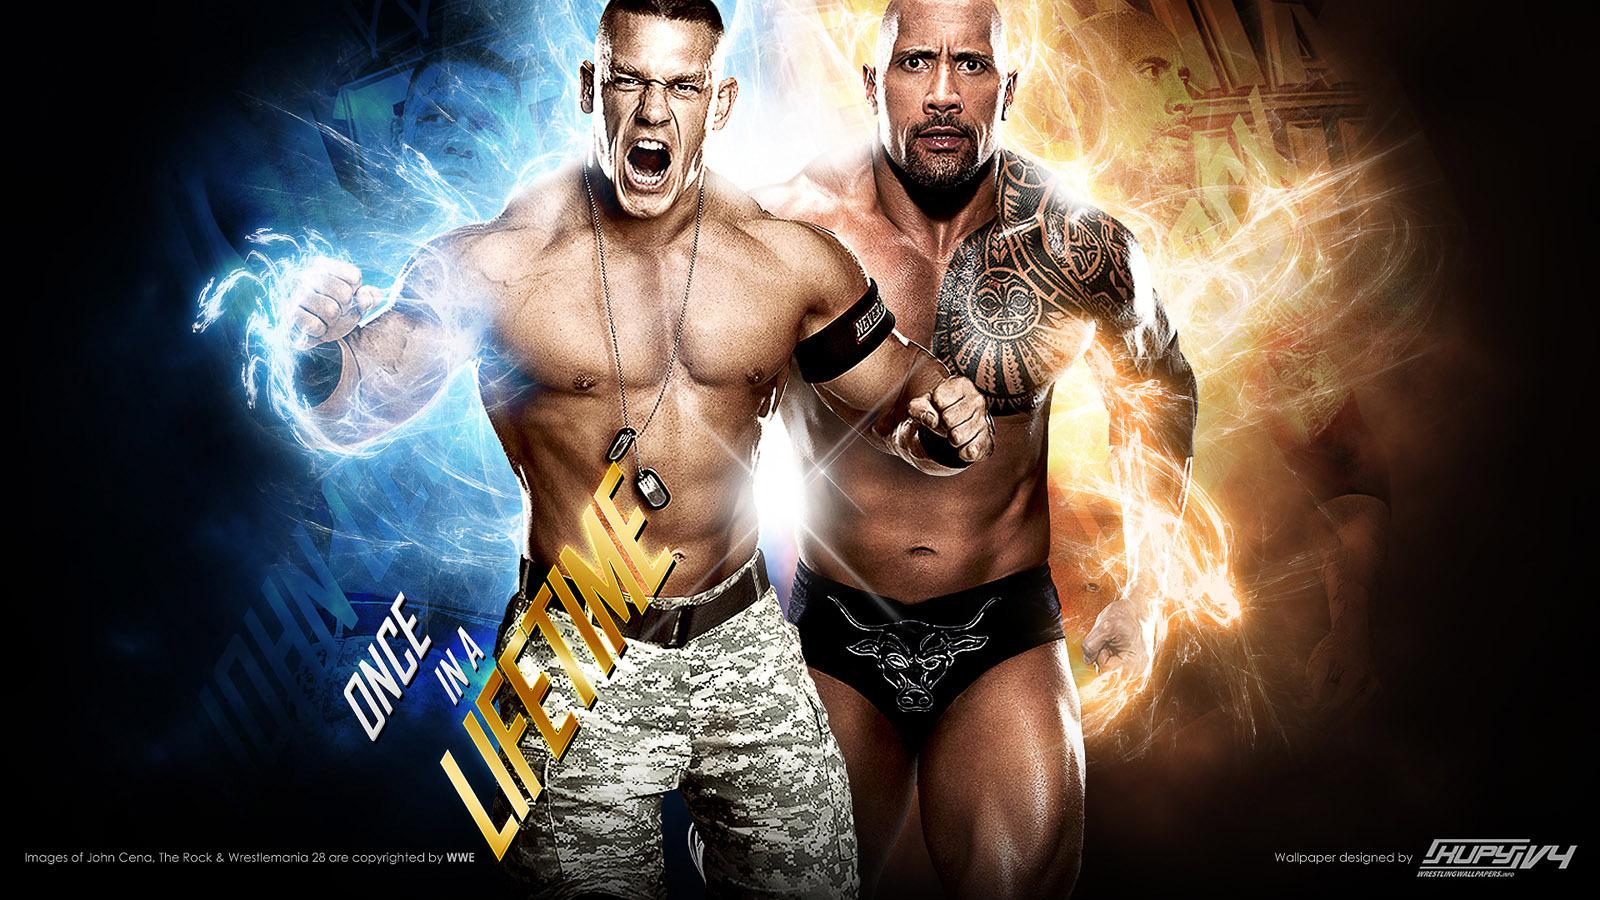 John Cena Free Download